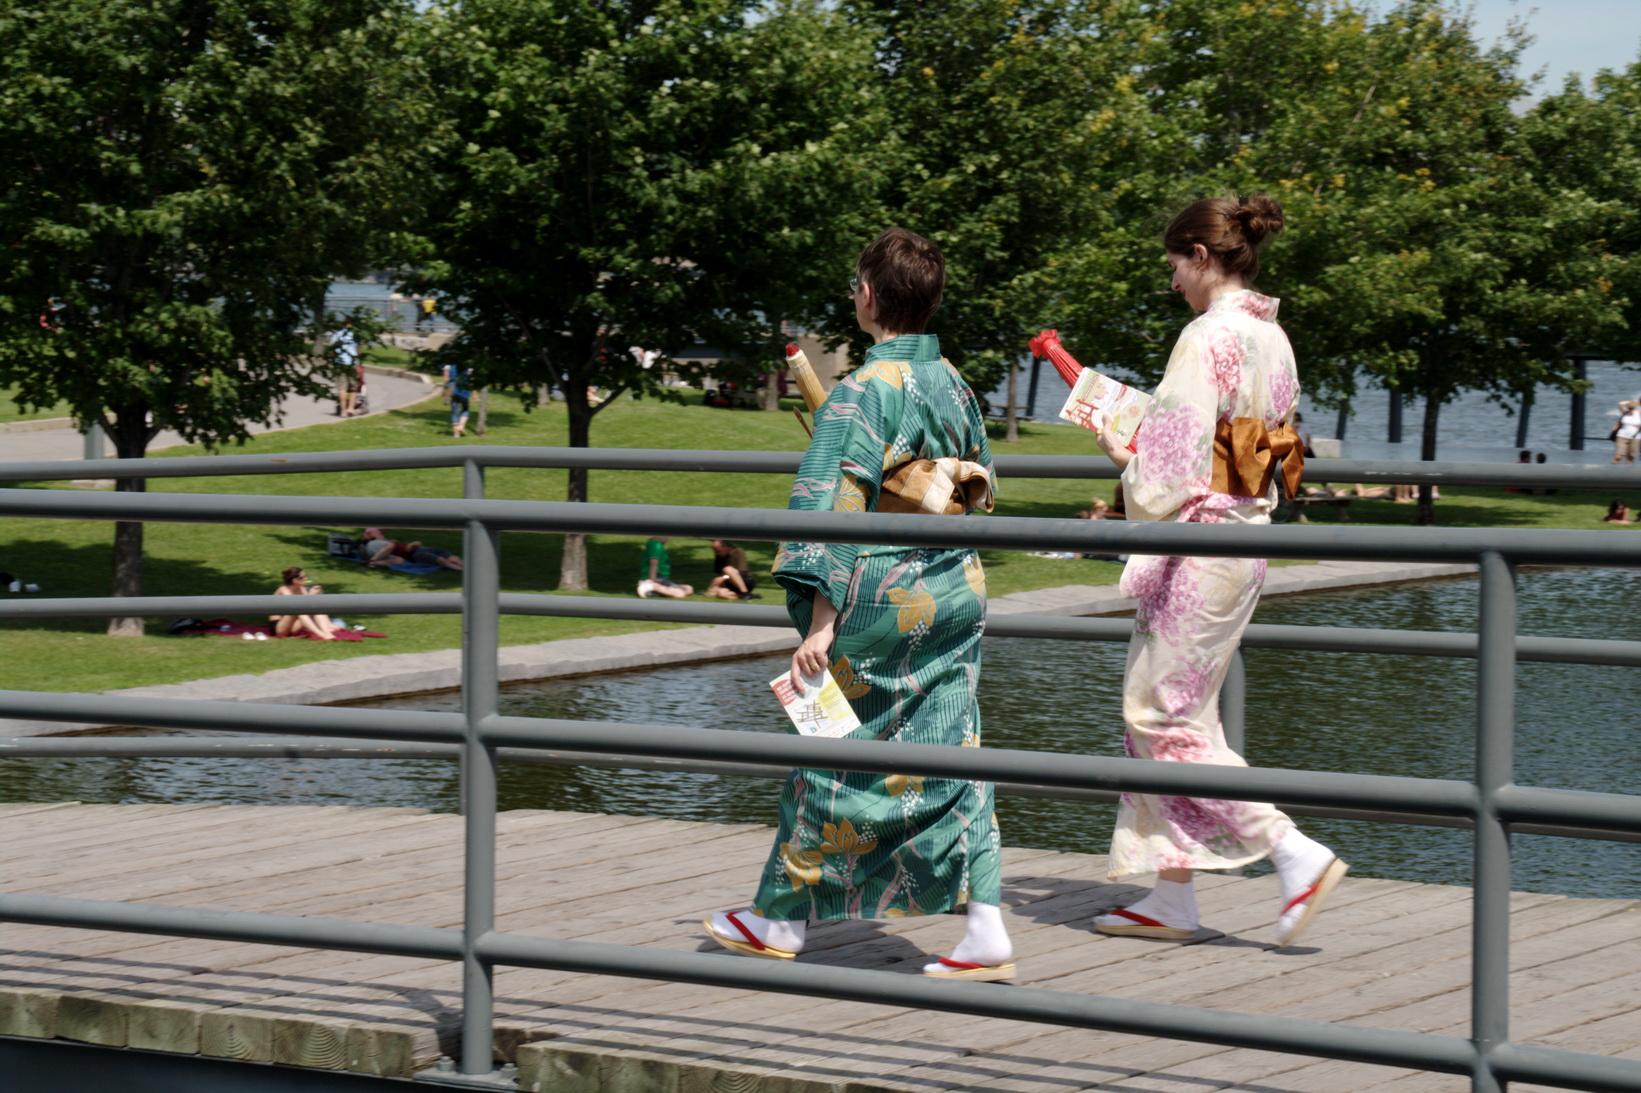 Les matsuri sont des festivals et fêtes populaires japonaises, ayant généralement lieu durant la période estivale, dans pratiquement toutes les localités japonaises (Wikipedia)